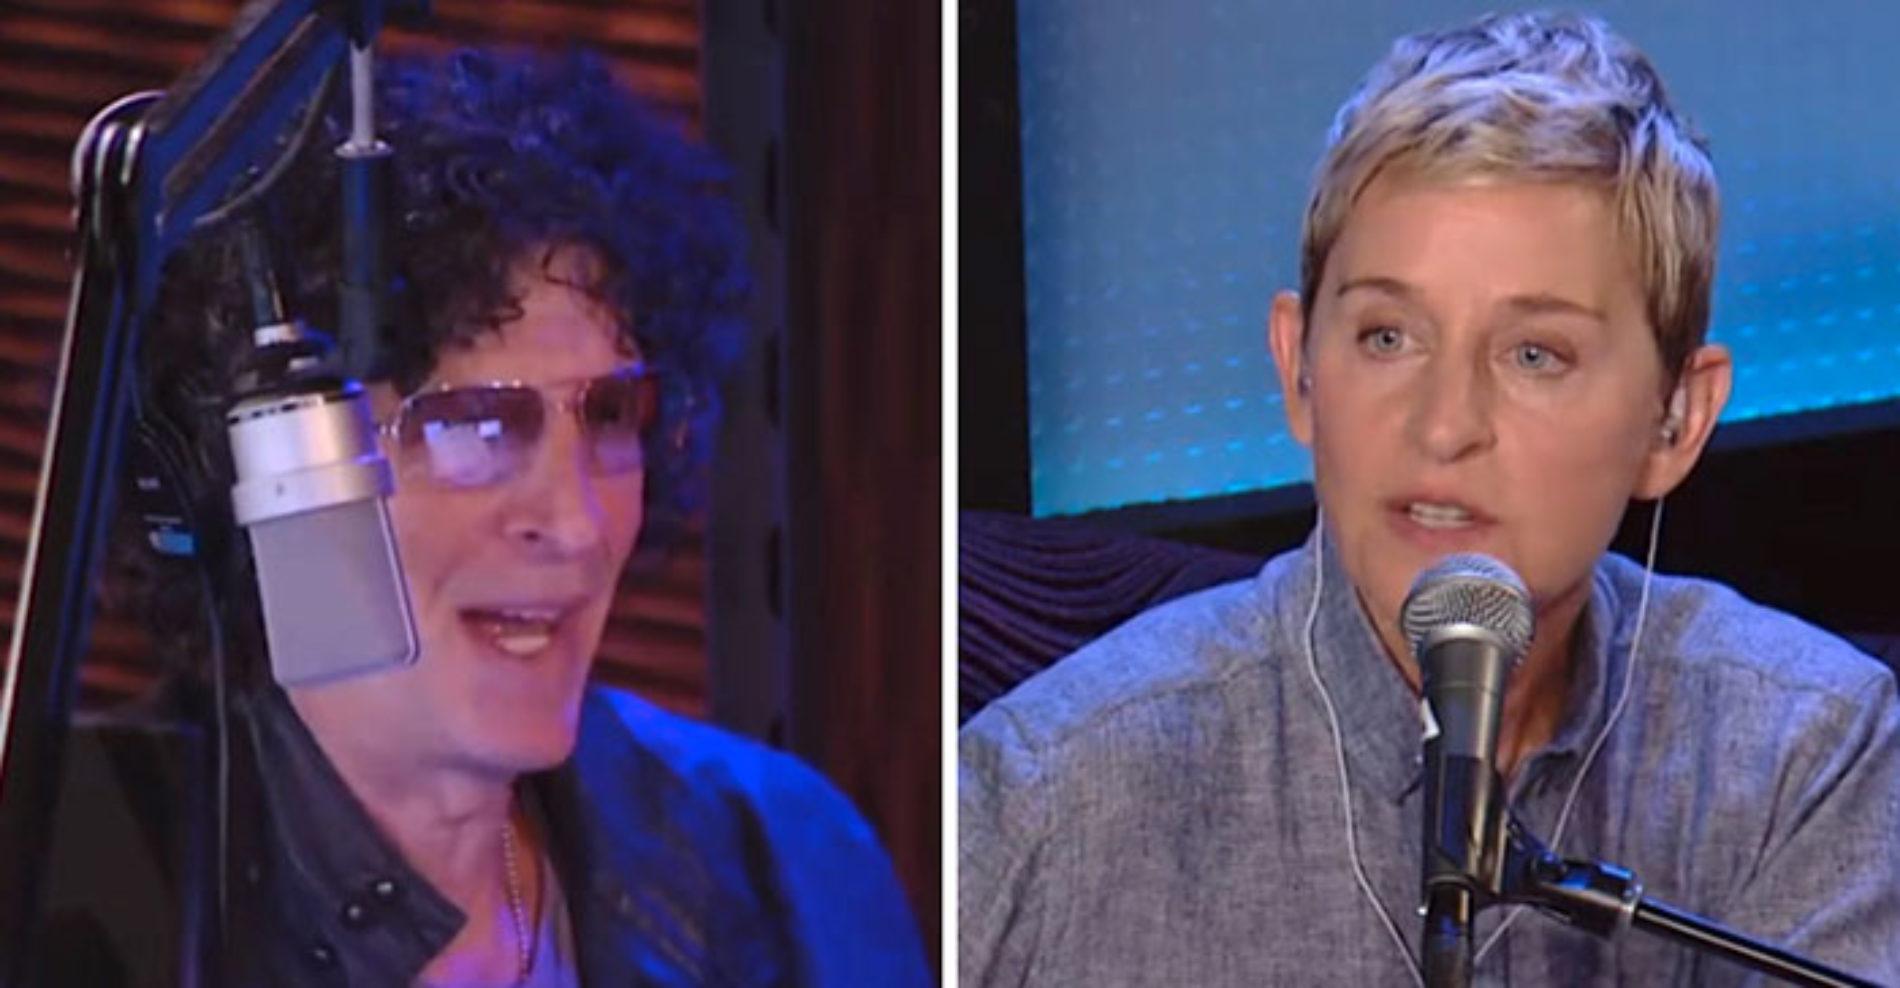 'Caitlyn Jenner Is Judging Gay People.' Ellen DeGeneres To Howard Stern